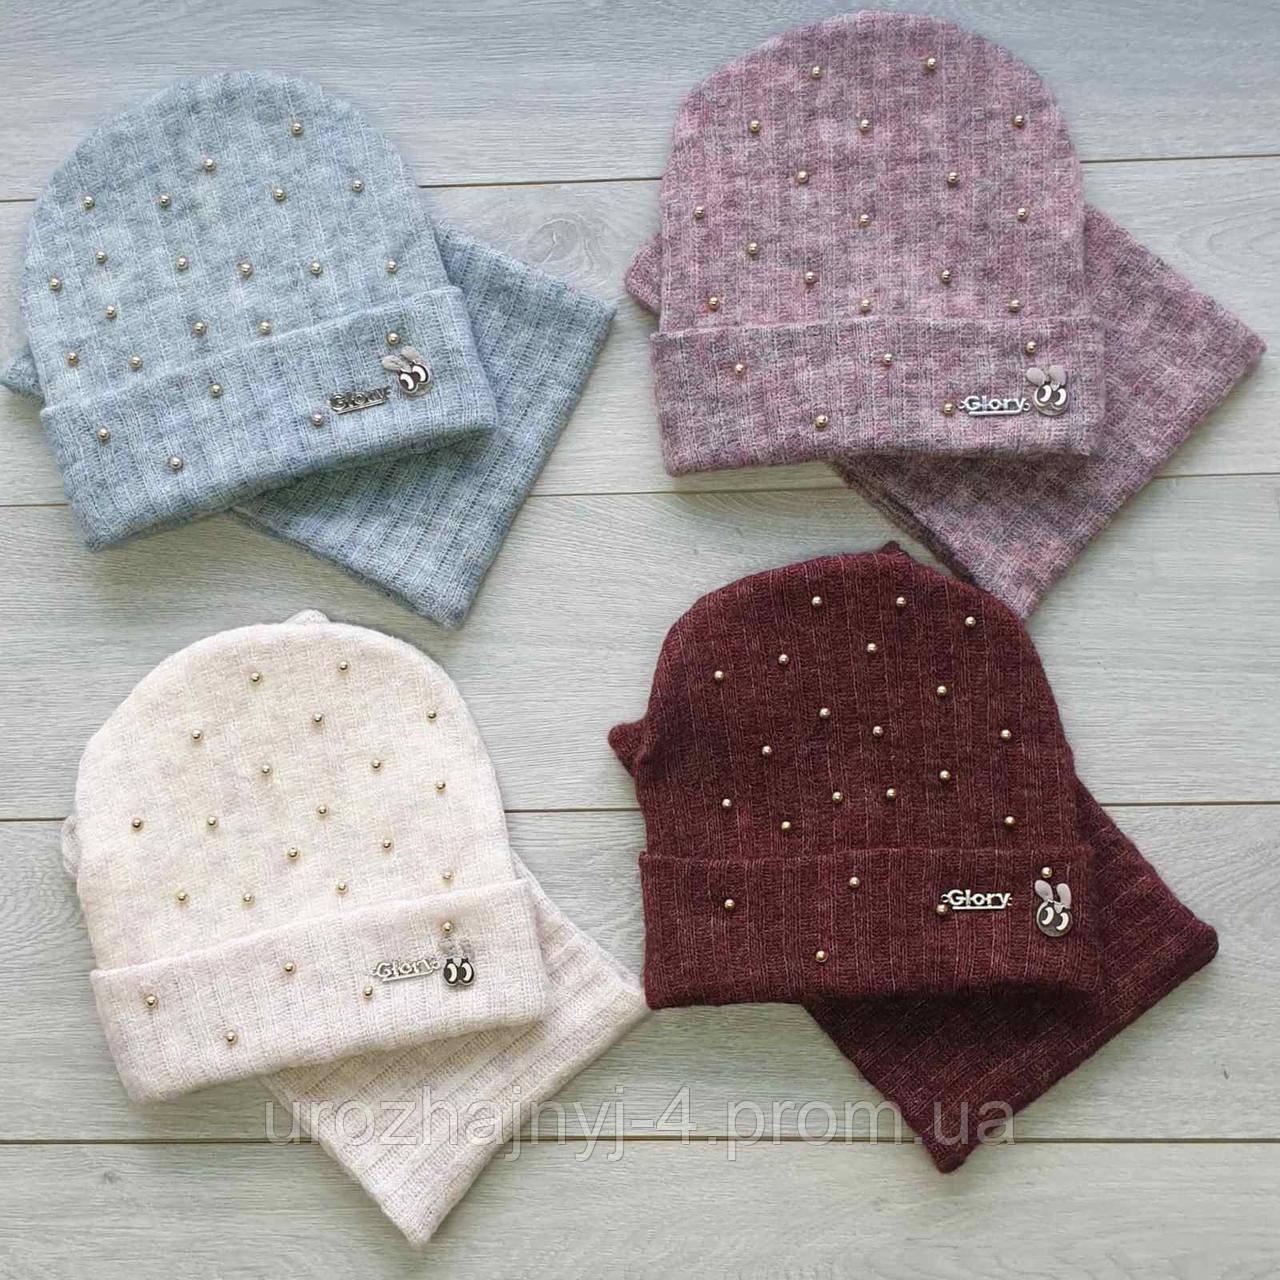 Трикотажный набор шапка и хомут подкладка флис р52-54. 5шт упаковка